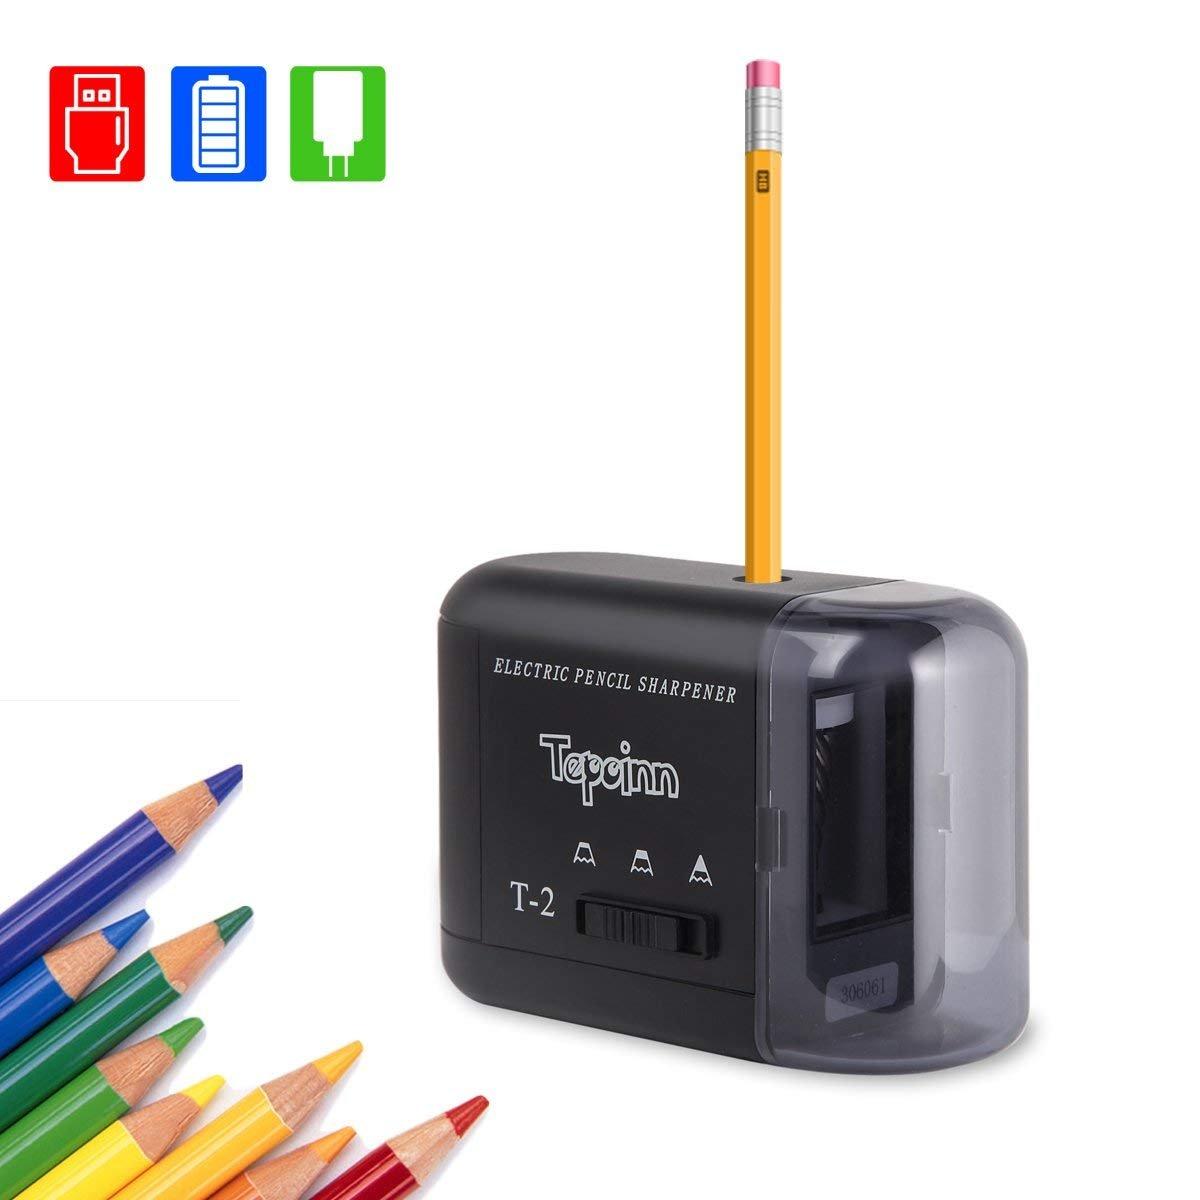 Sacapuntas elé ctrico USB/baterí a para escuela y oficina Tepoinn